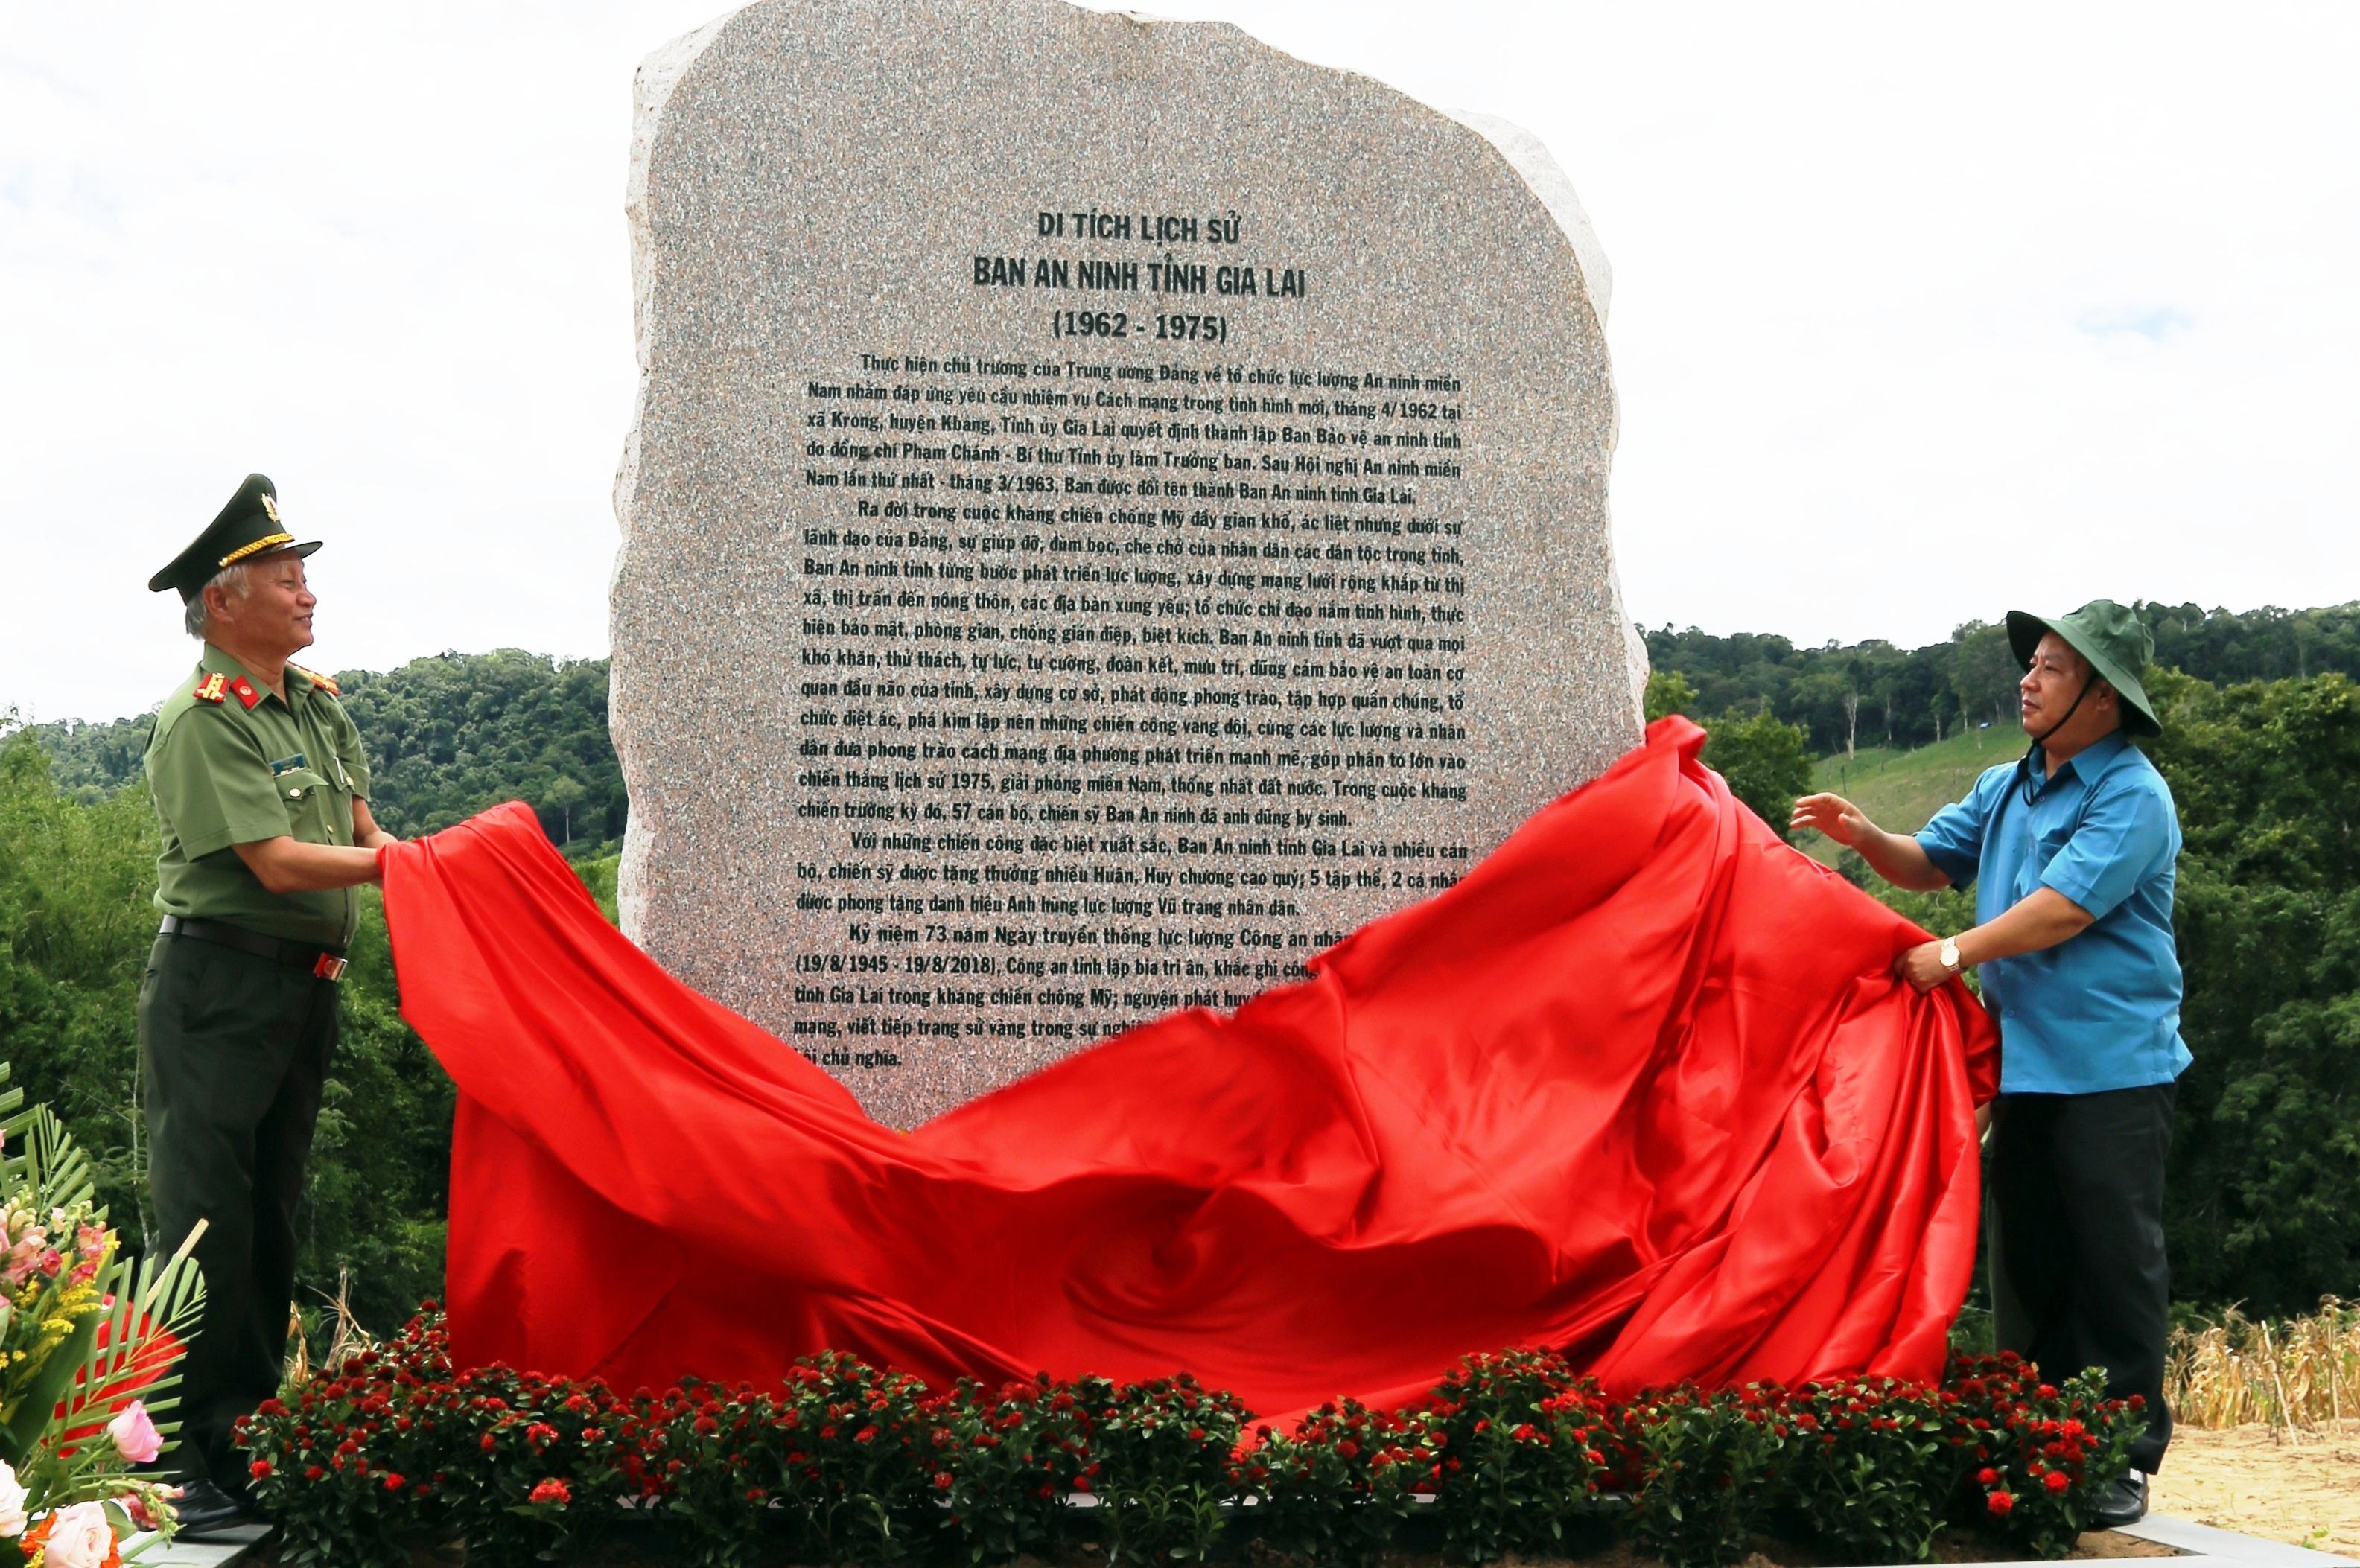 Khánh thành Di tích lịch sử Ban An ninh tỉnh Gia Lai